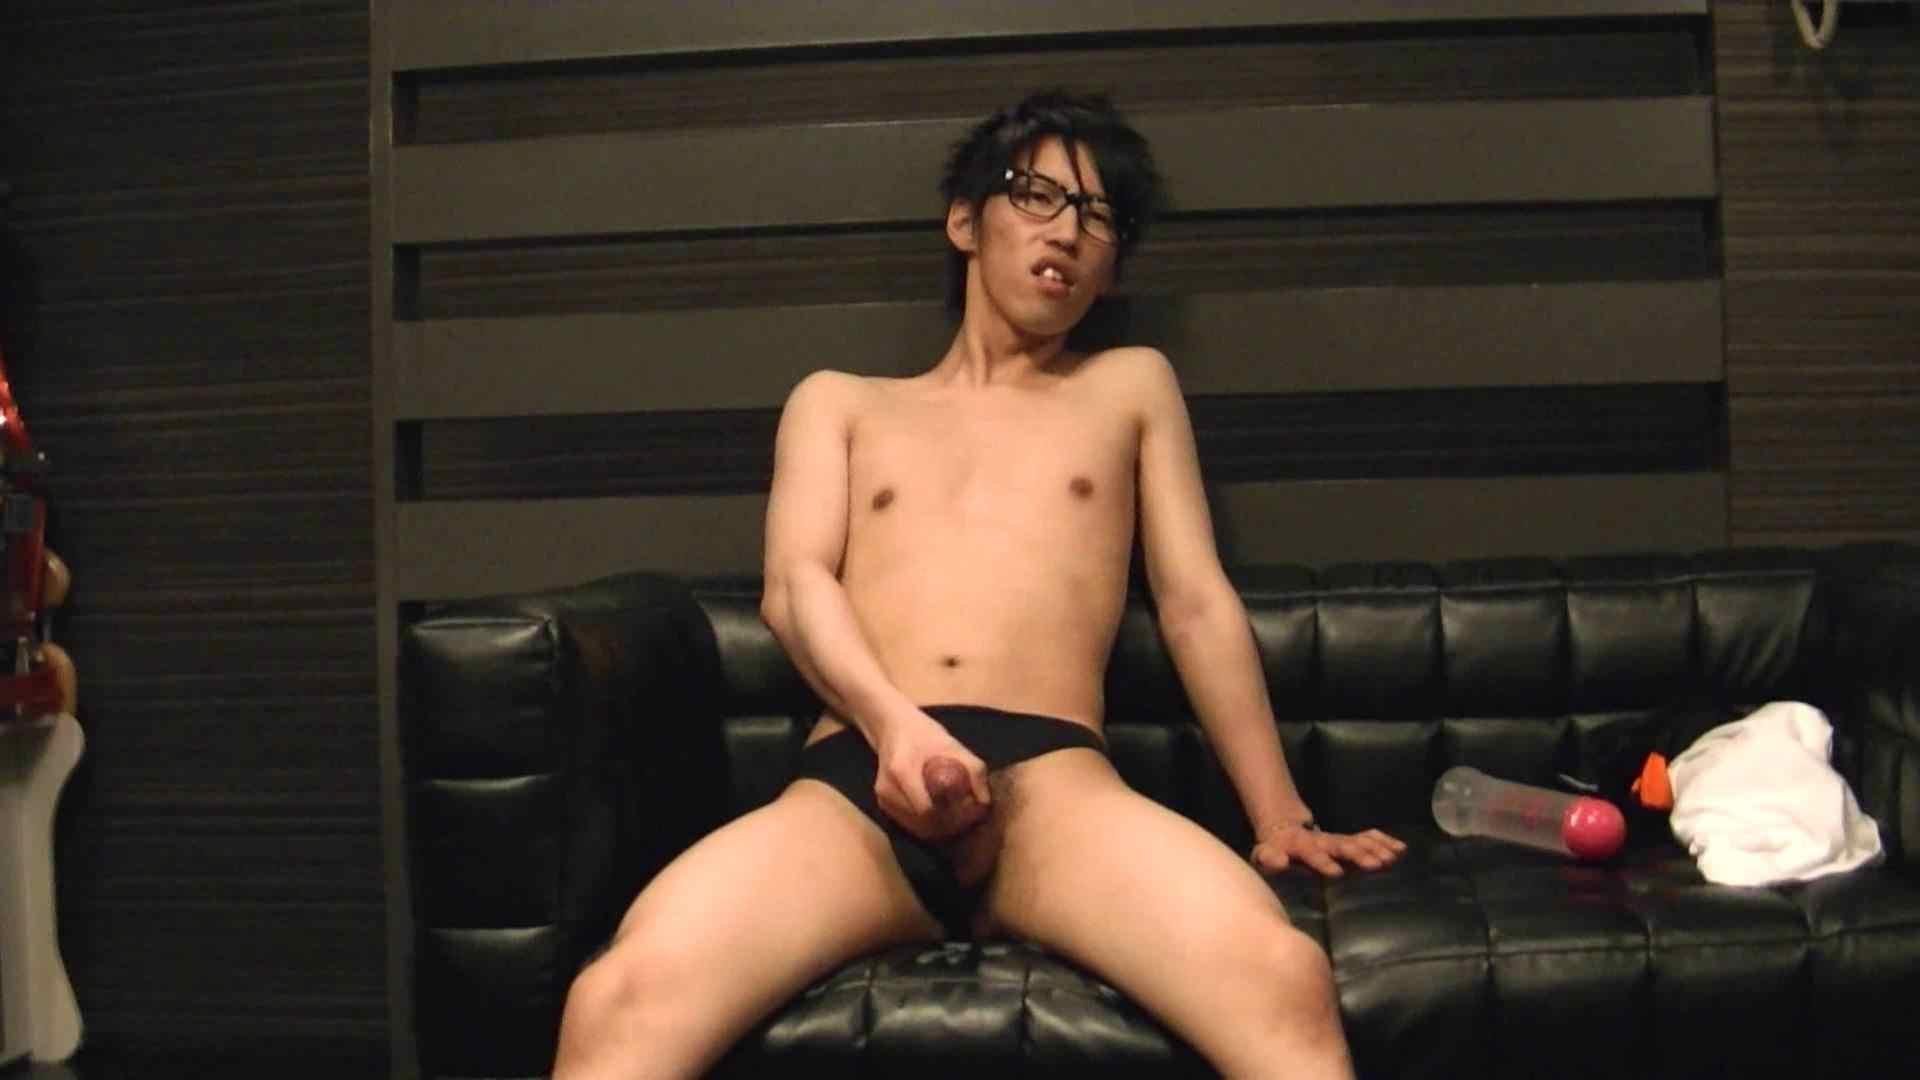 ONA見せカーニバル!! Vol3 男の世界 | オナニー専門男子  98画像 23